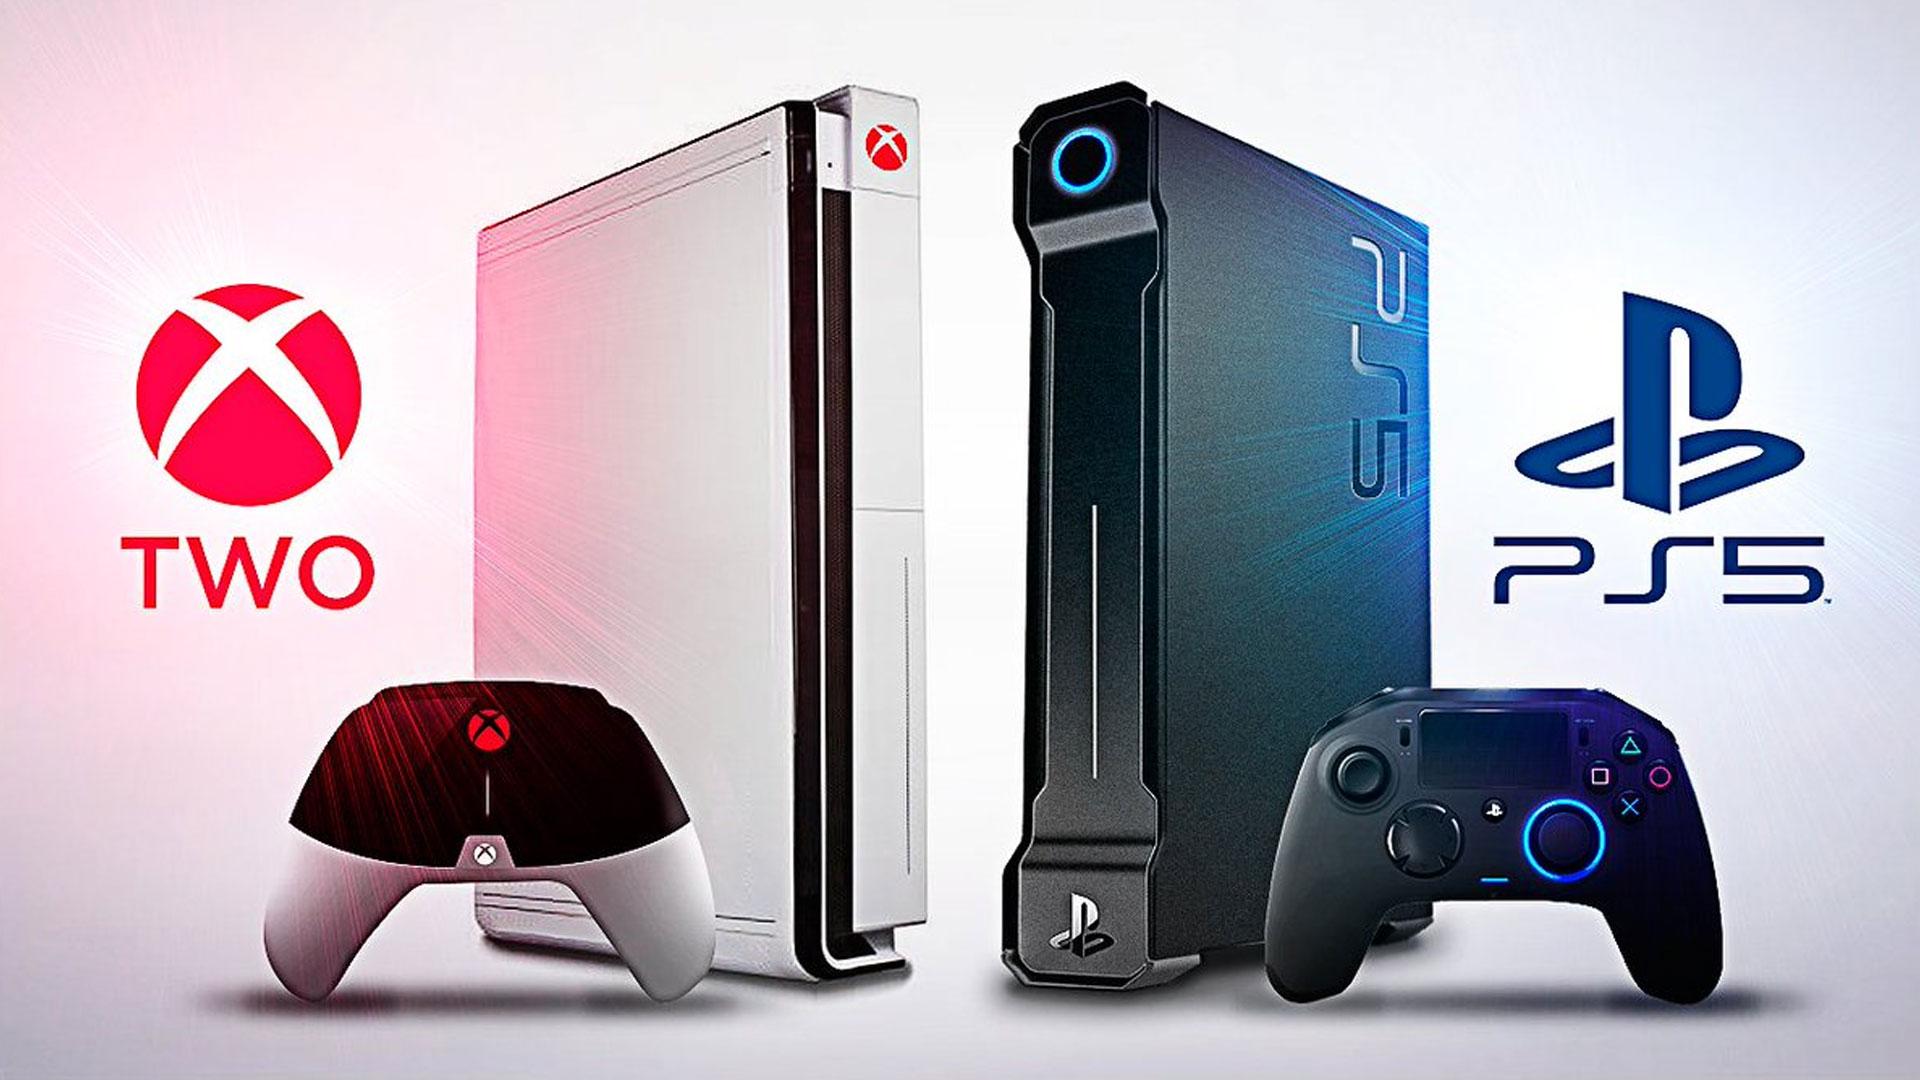 开发者:次世代PS和Xbox潜力足 同时越来越难区分